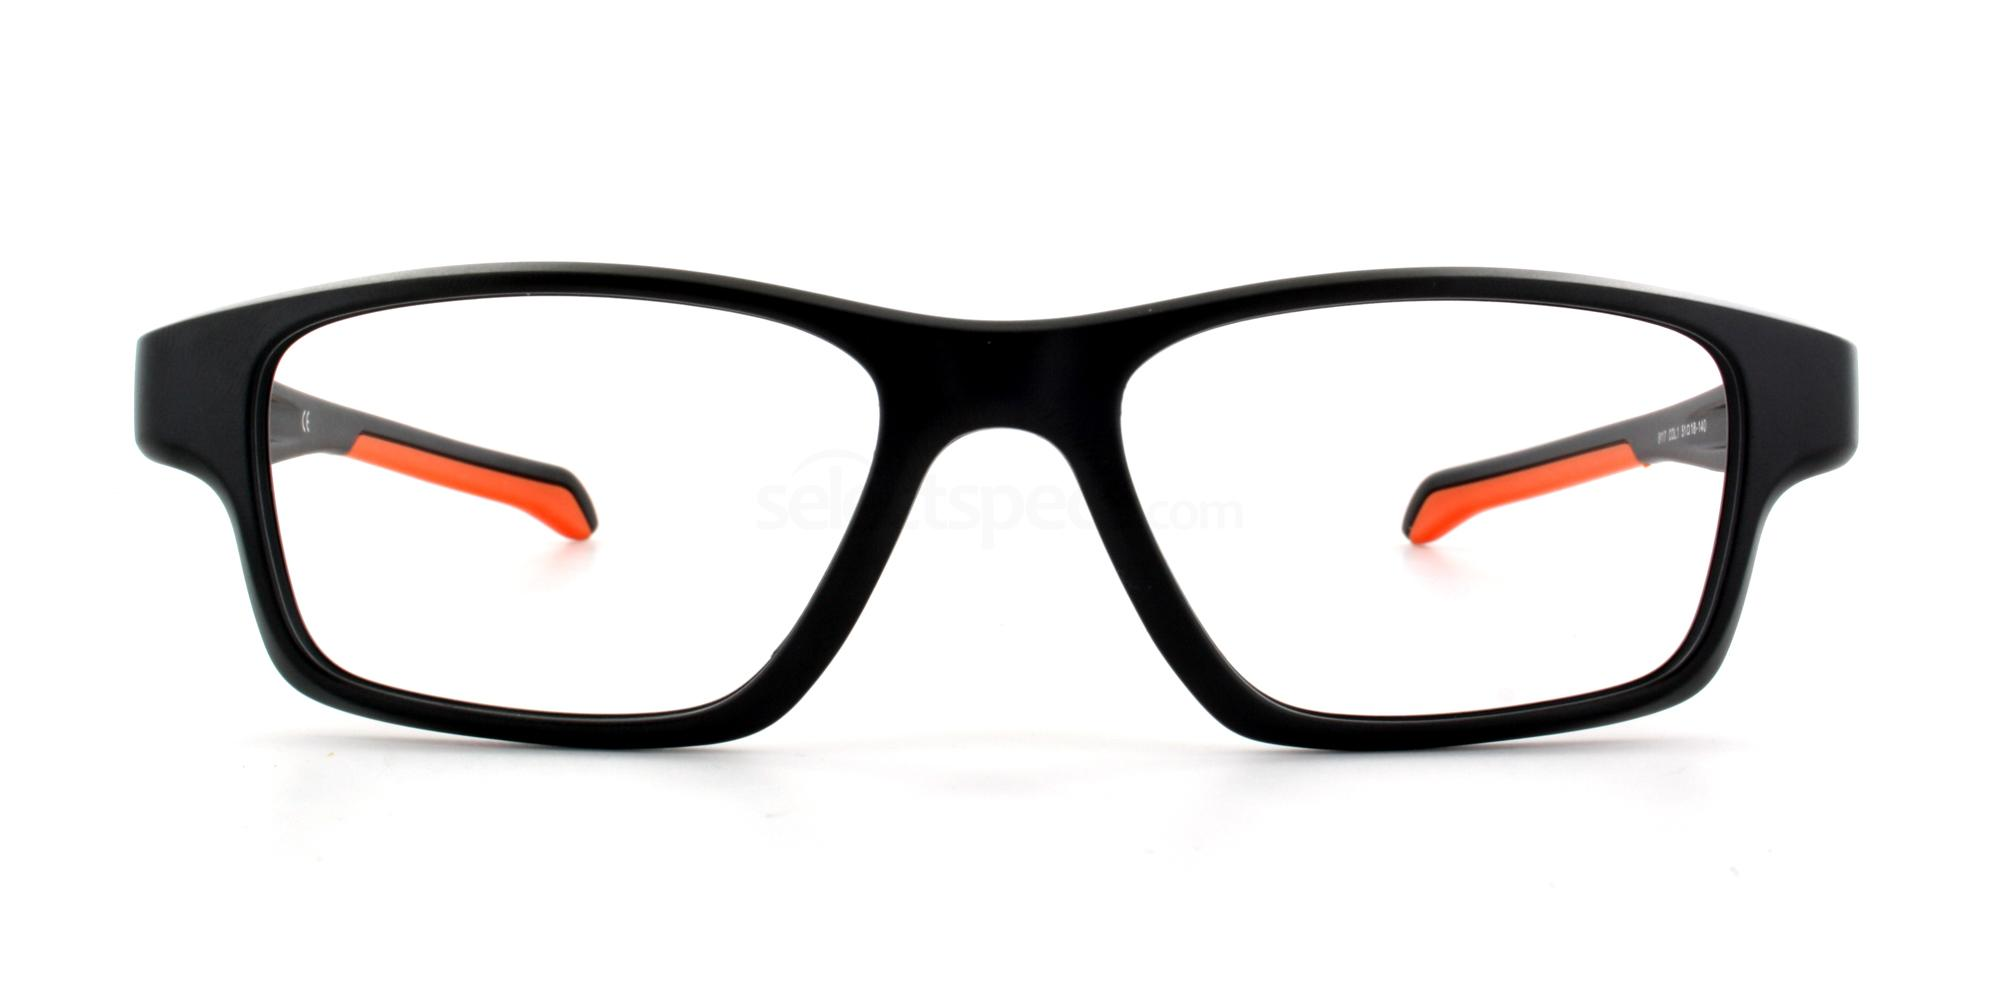 Col. 1 8117 Glasses, Aero